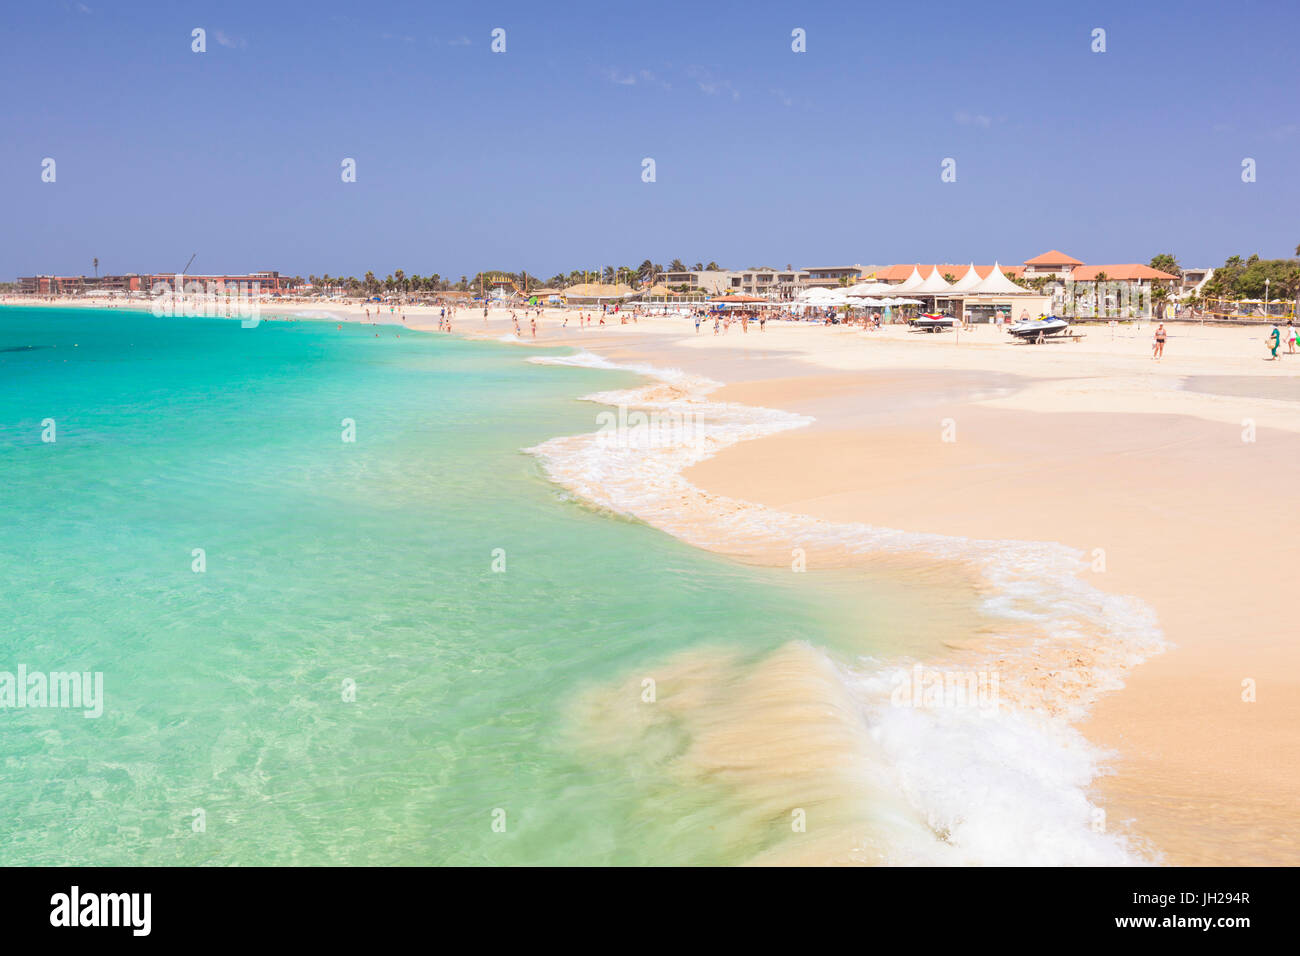 Olas rompiendo en la playa de Santa Maria, Praia de Santa Maria, el Baia Santa Maria, en la isla de Sal, Cabo Verde, Imagen De Stock